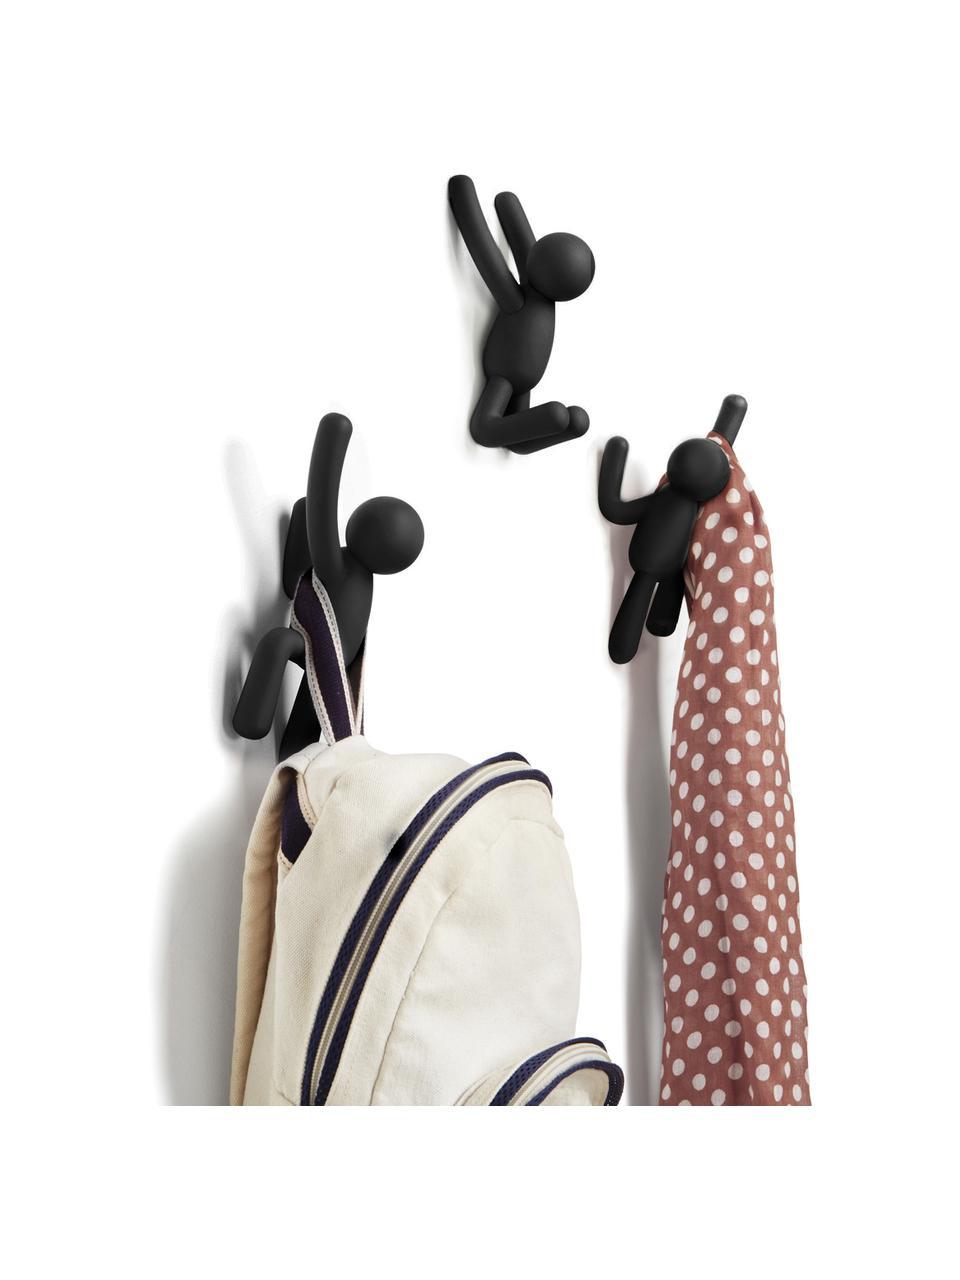 Komplet haków ściennych Buddy, 3 elem., Tworzywo sztuczne (ABS), Czarny, Komplet z różnymi rozmiarami